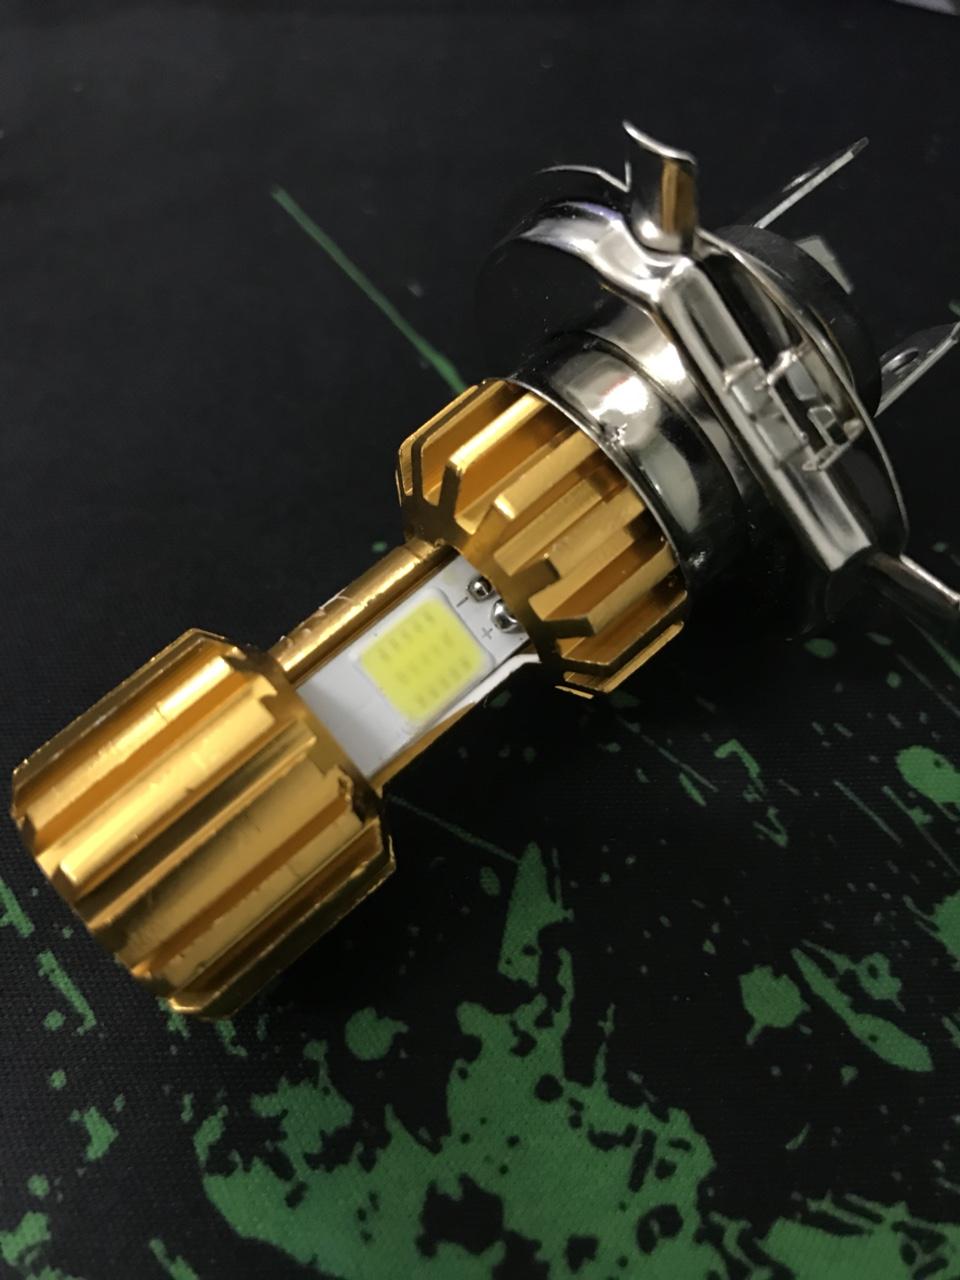 53k - Đèn pha led xe siêu sáng 3 chân (xe đời mới) giá sỉ và lẻ rẻ nhất